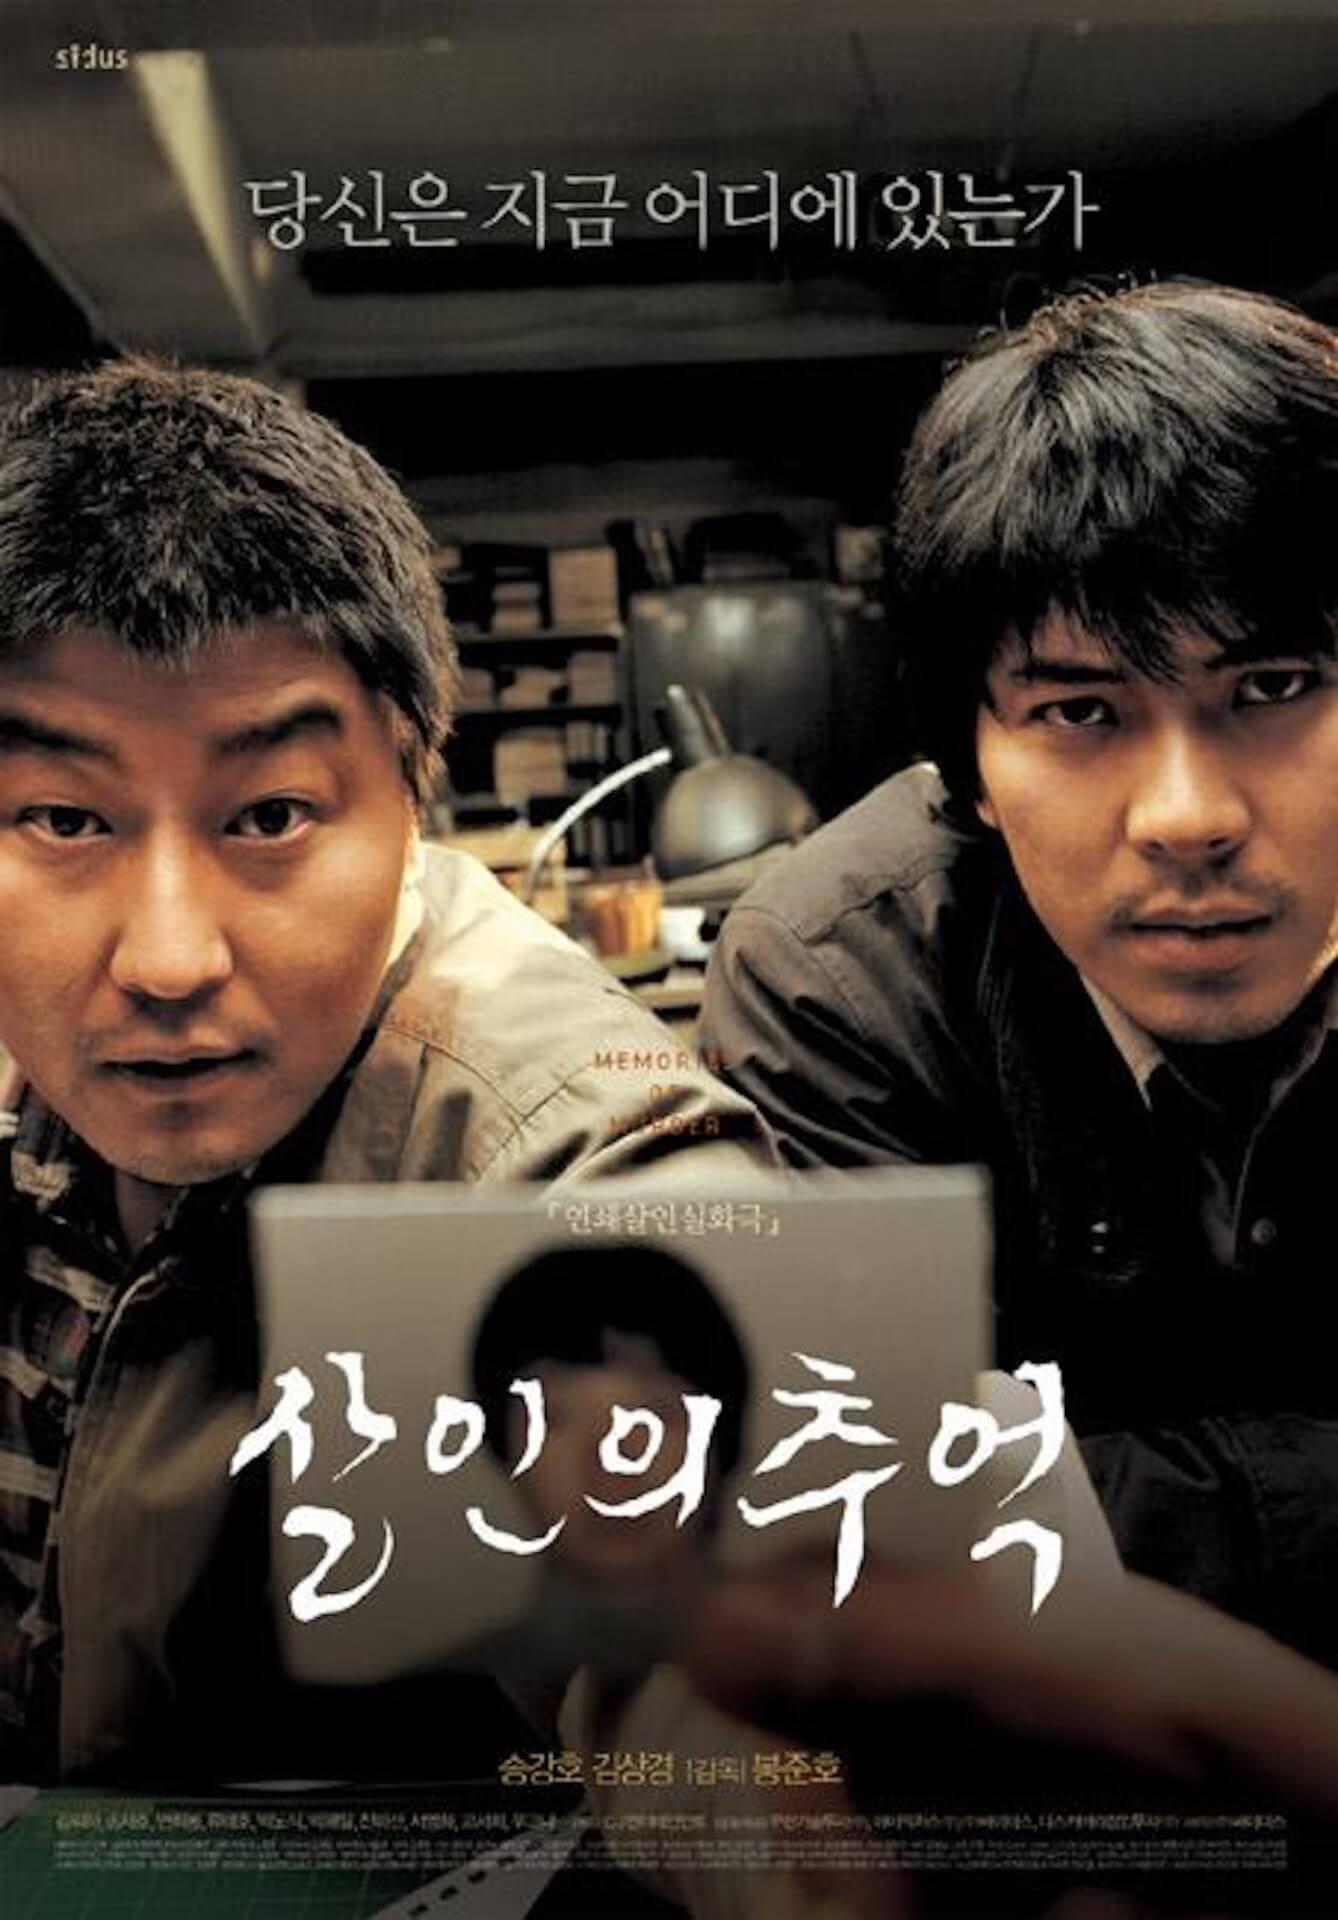 韓国名作映画『殺人の追憶』の原案にもなった未解決事件の殺人犯が30年の時を越えついに判明 film190920_memoriesofmurder_1